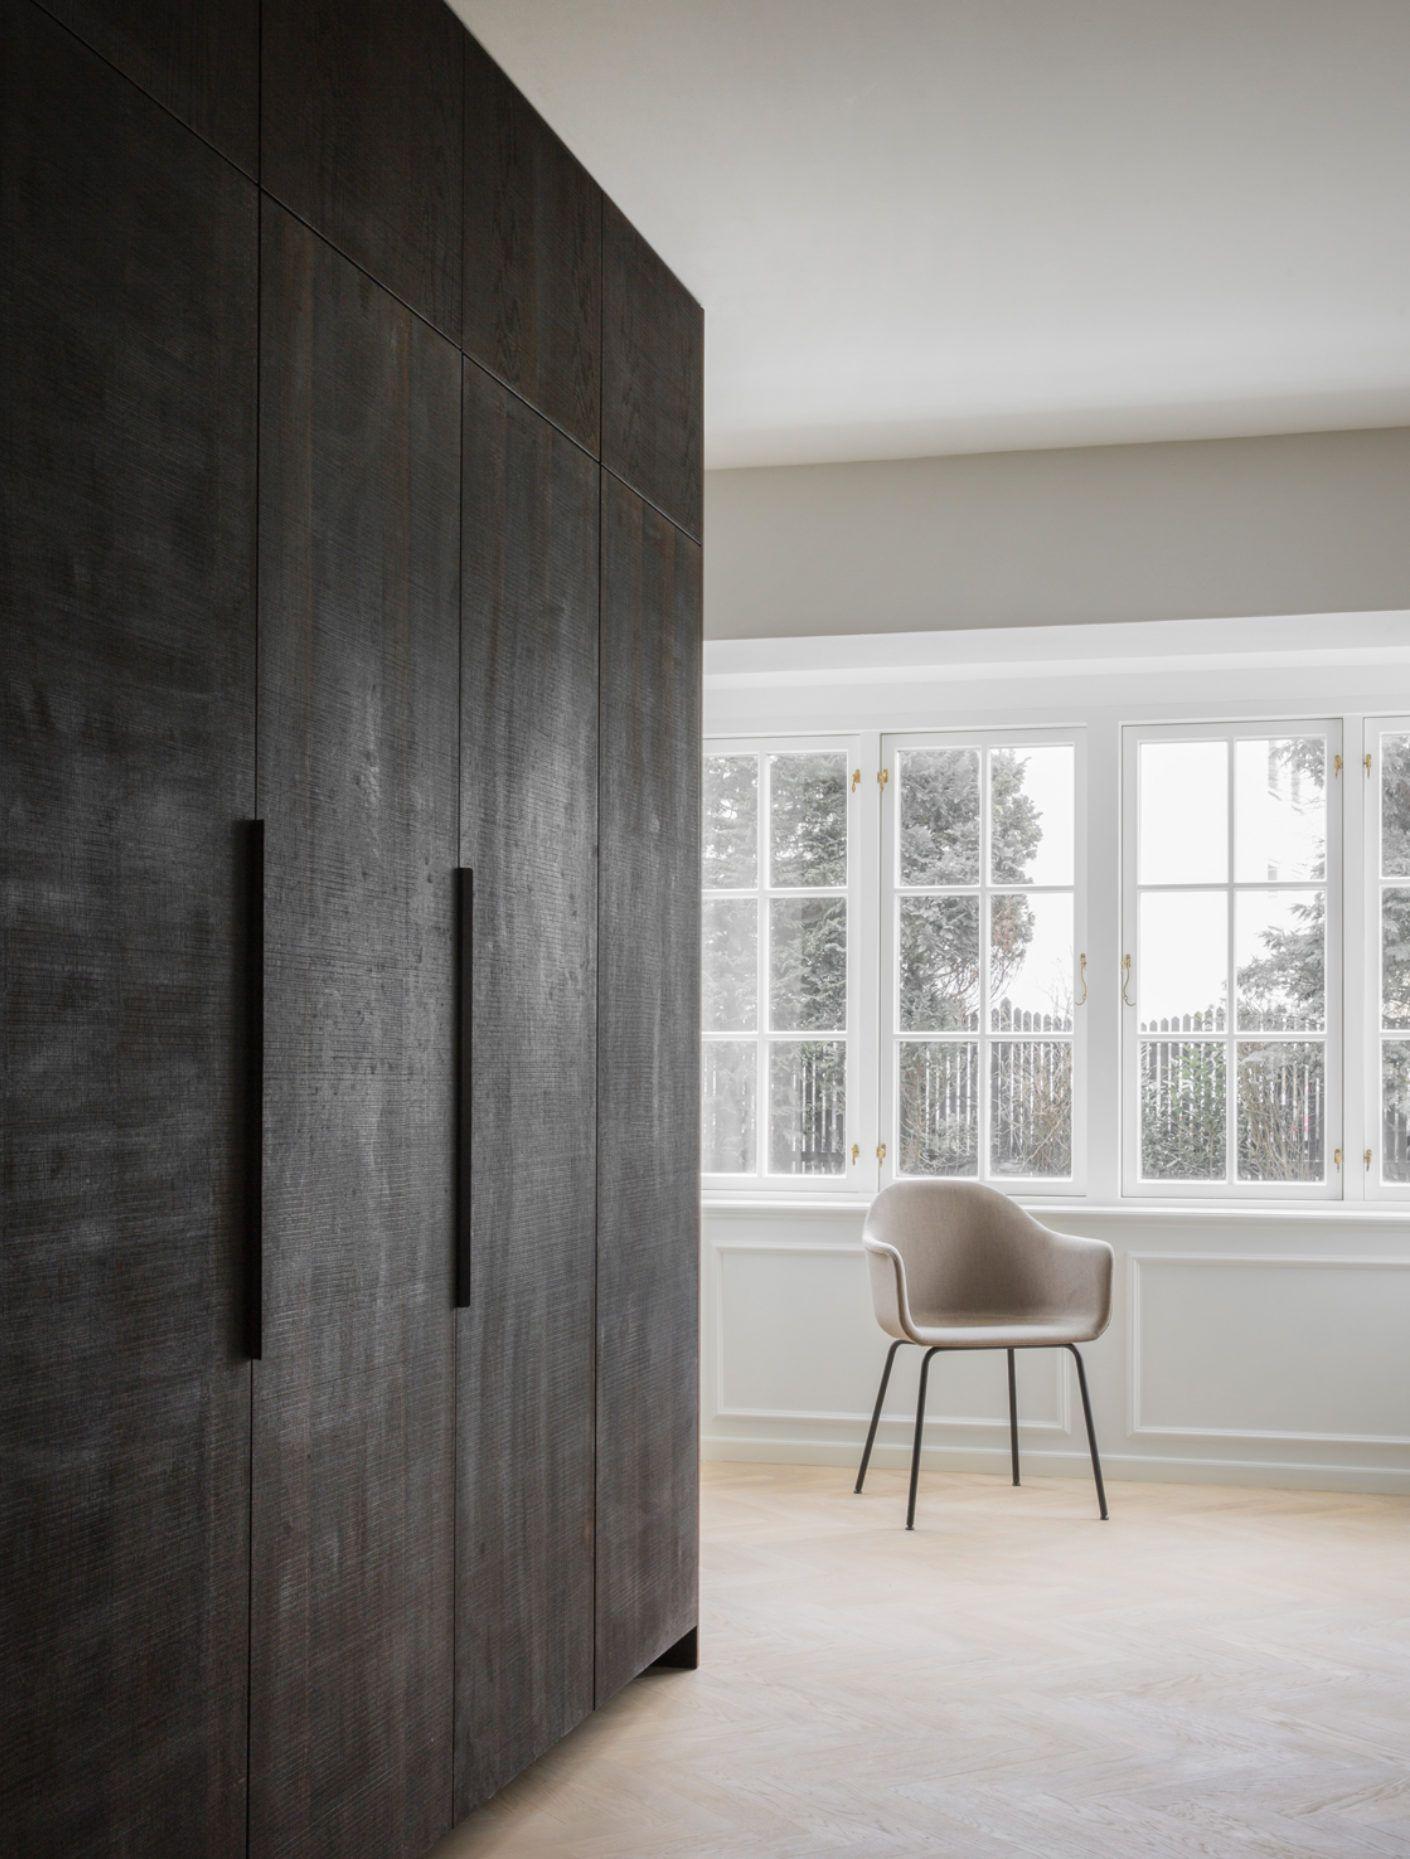 Norm Architects Perfektion Naturlichkeit Und Viel Licht Haus Interieurs Innenarchitektur Produktdesign